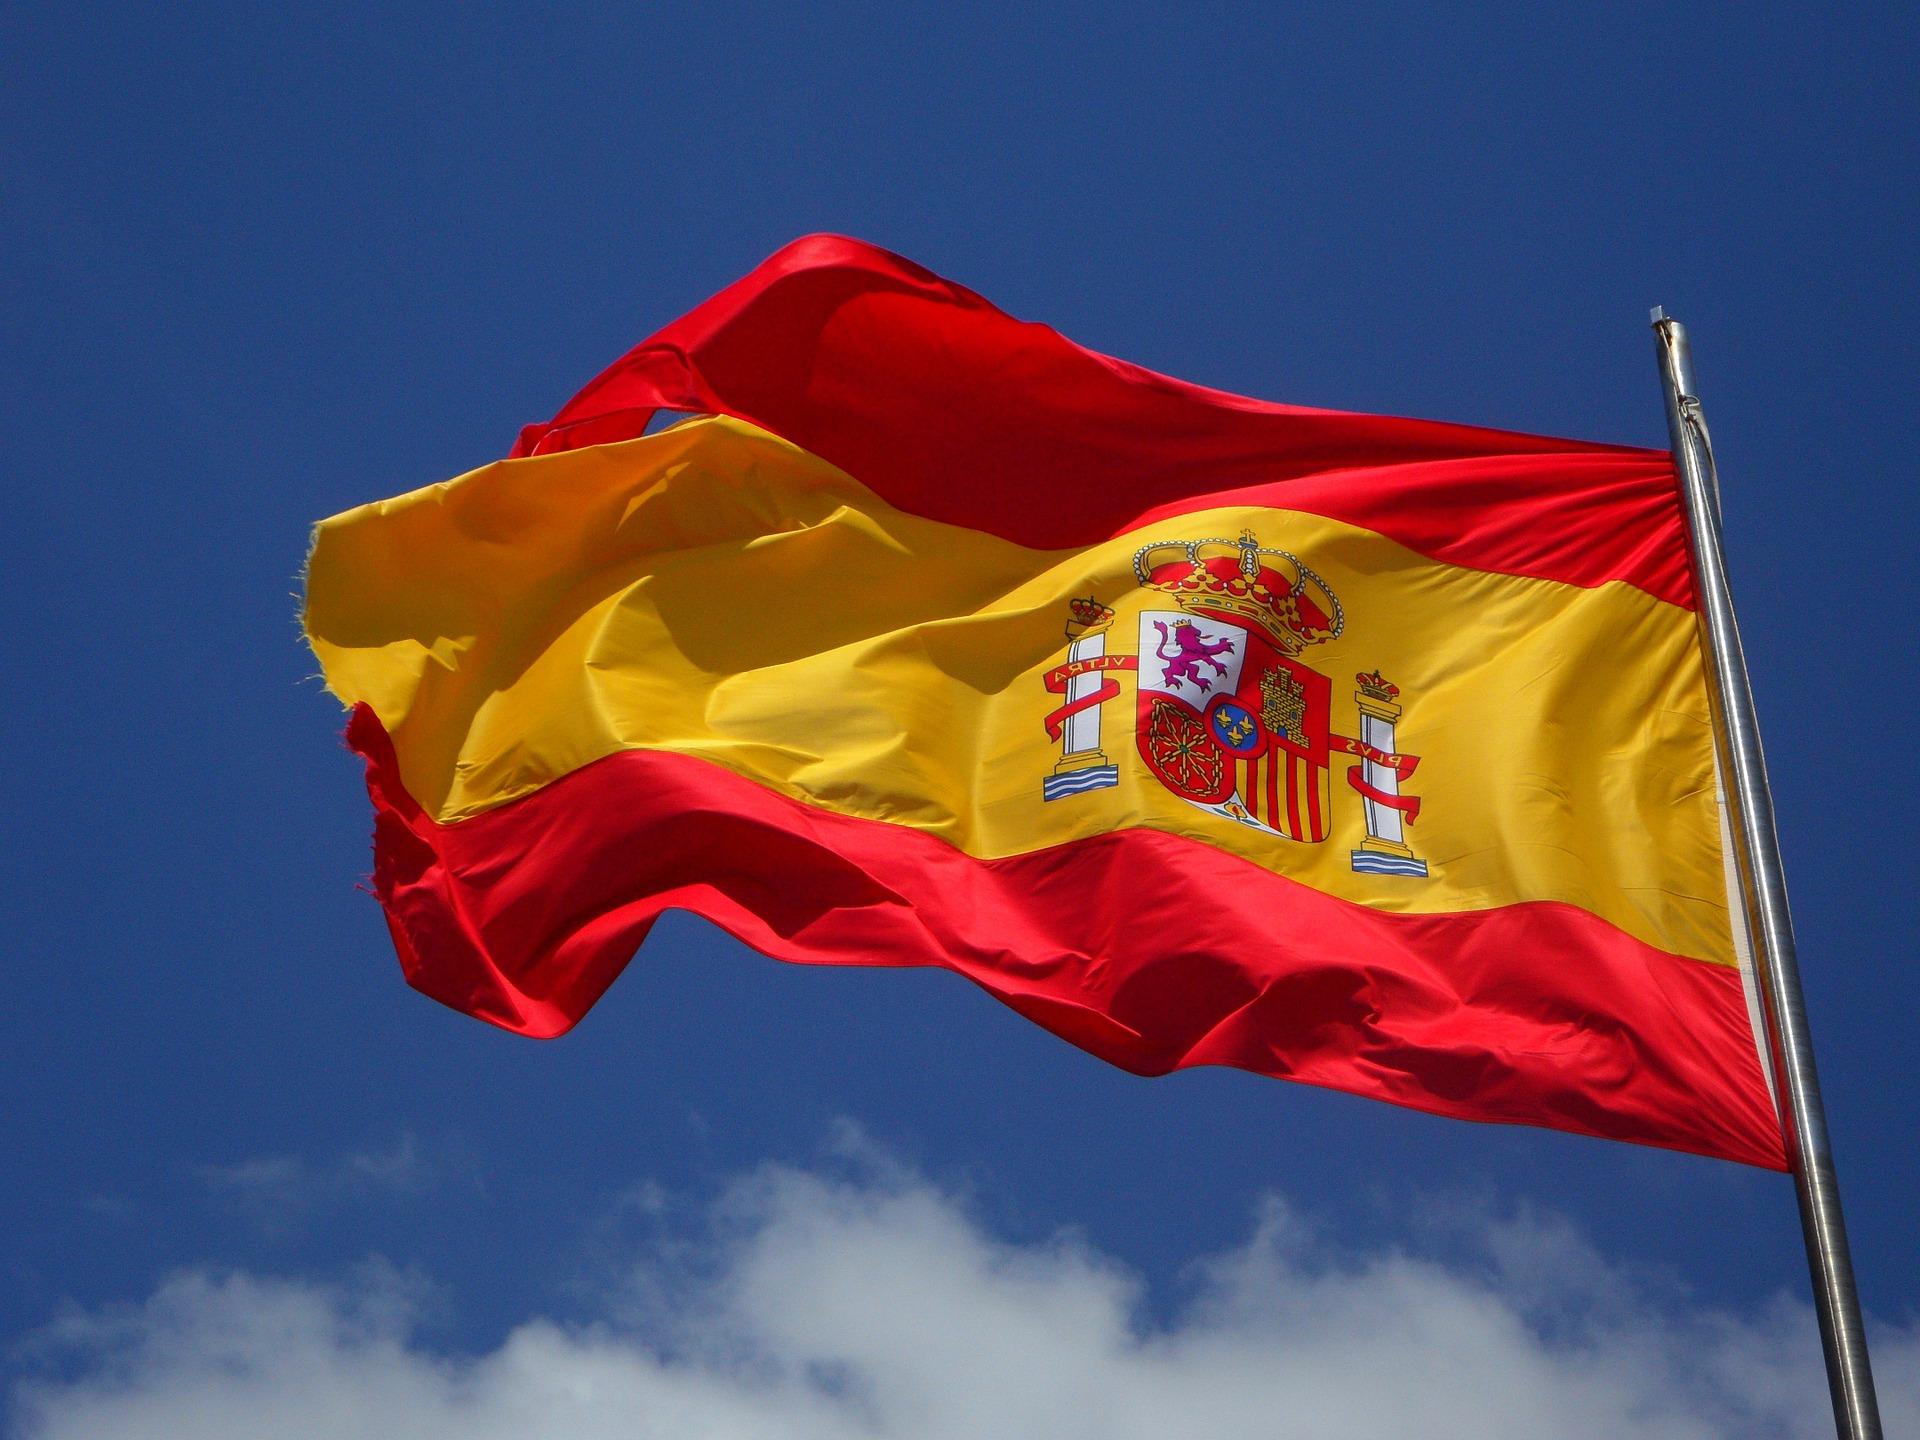 Le drapeau espagnol.